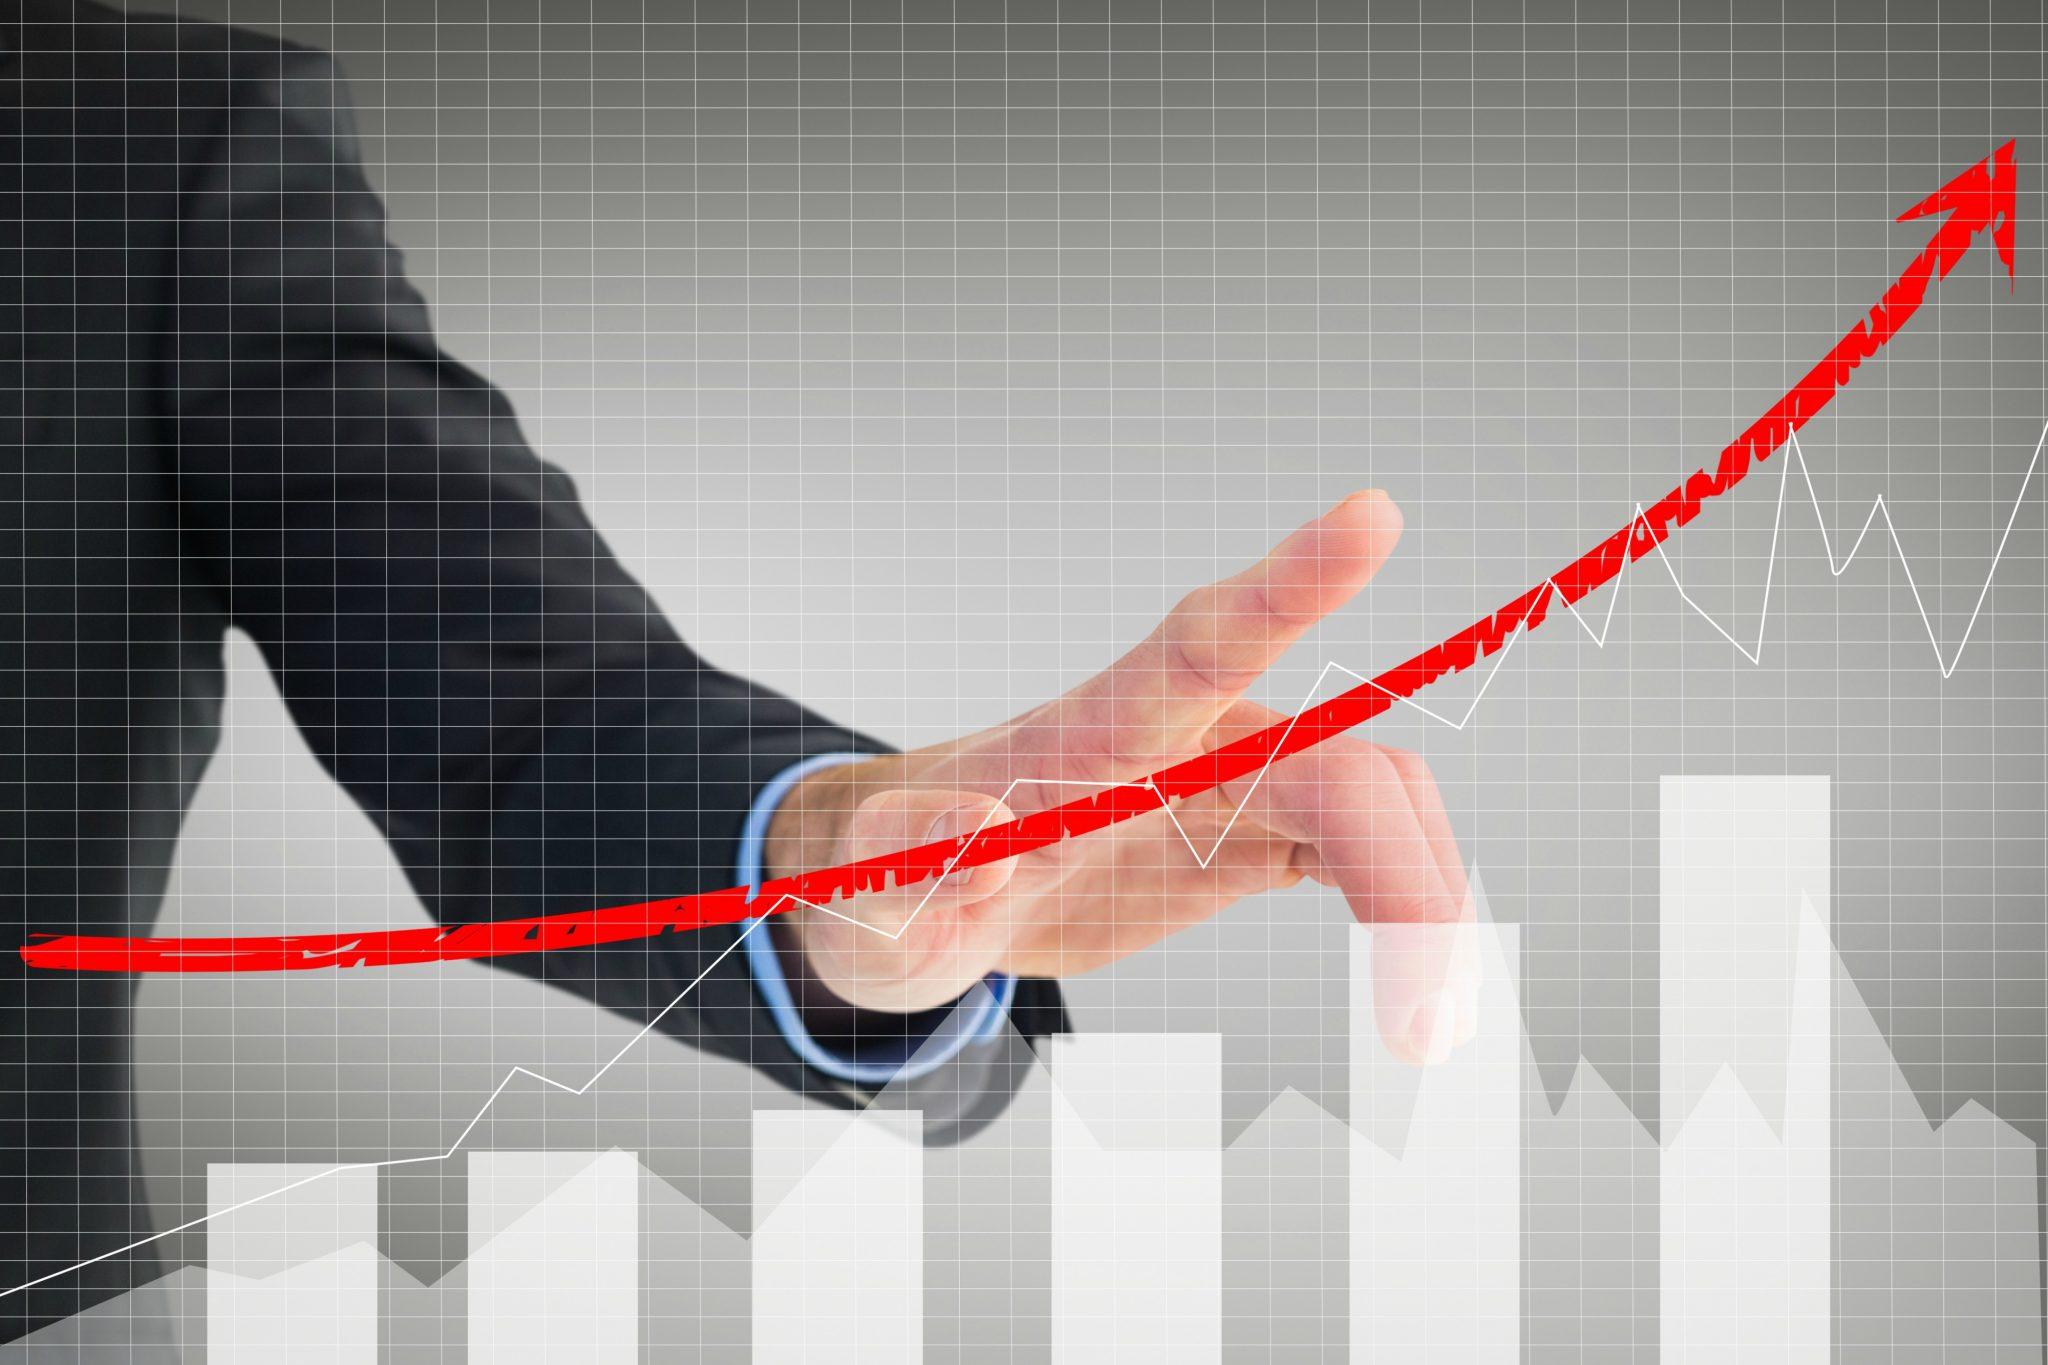 Dados do mercado farma até setembro de 2020